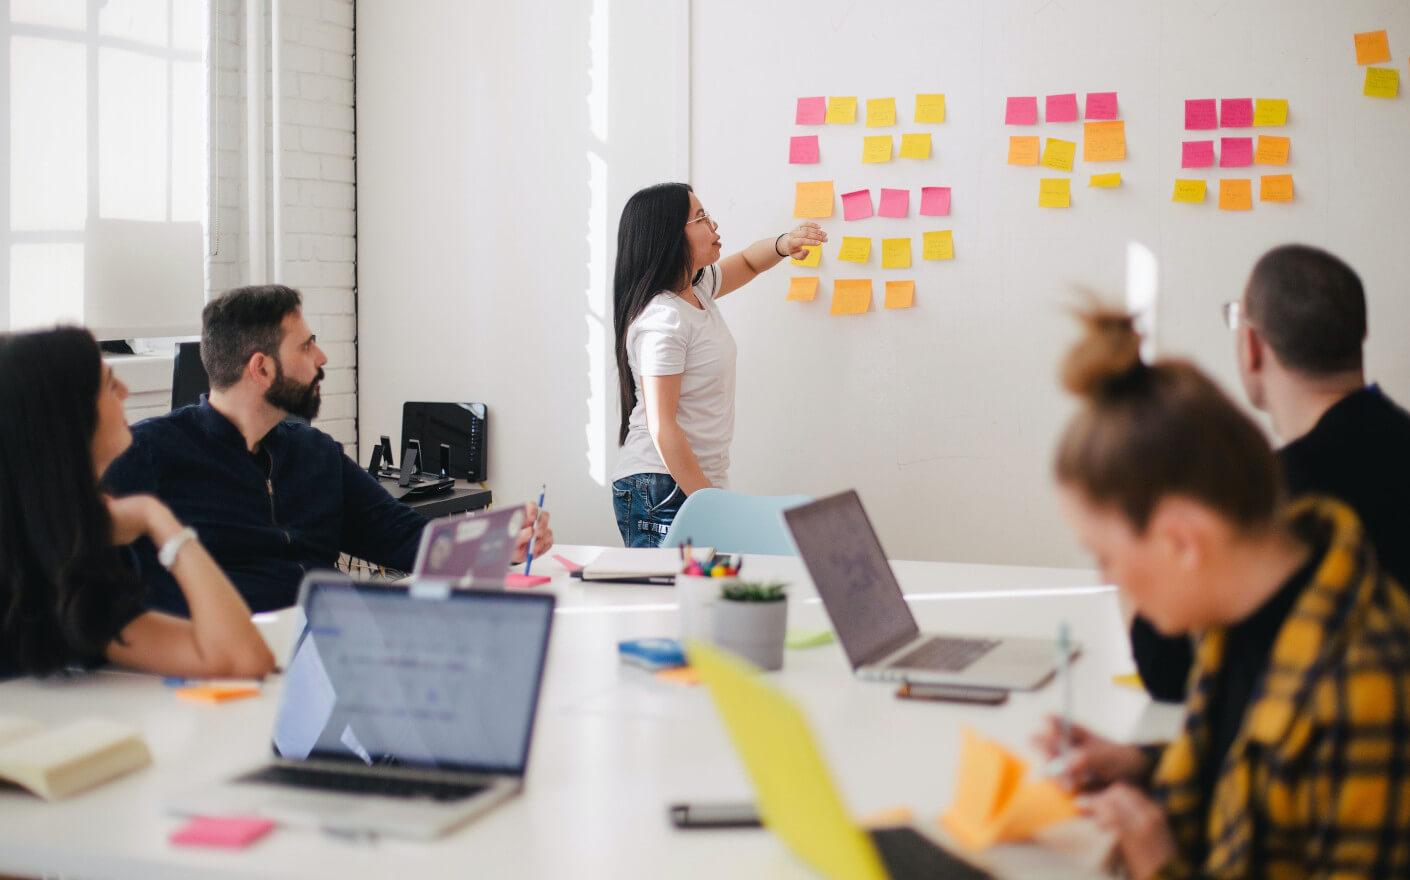 Pour améliorer vos processus, et ainsi gagner en performance et en efficacité, nous pouvons mettre e...